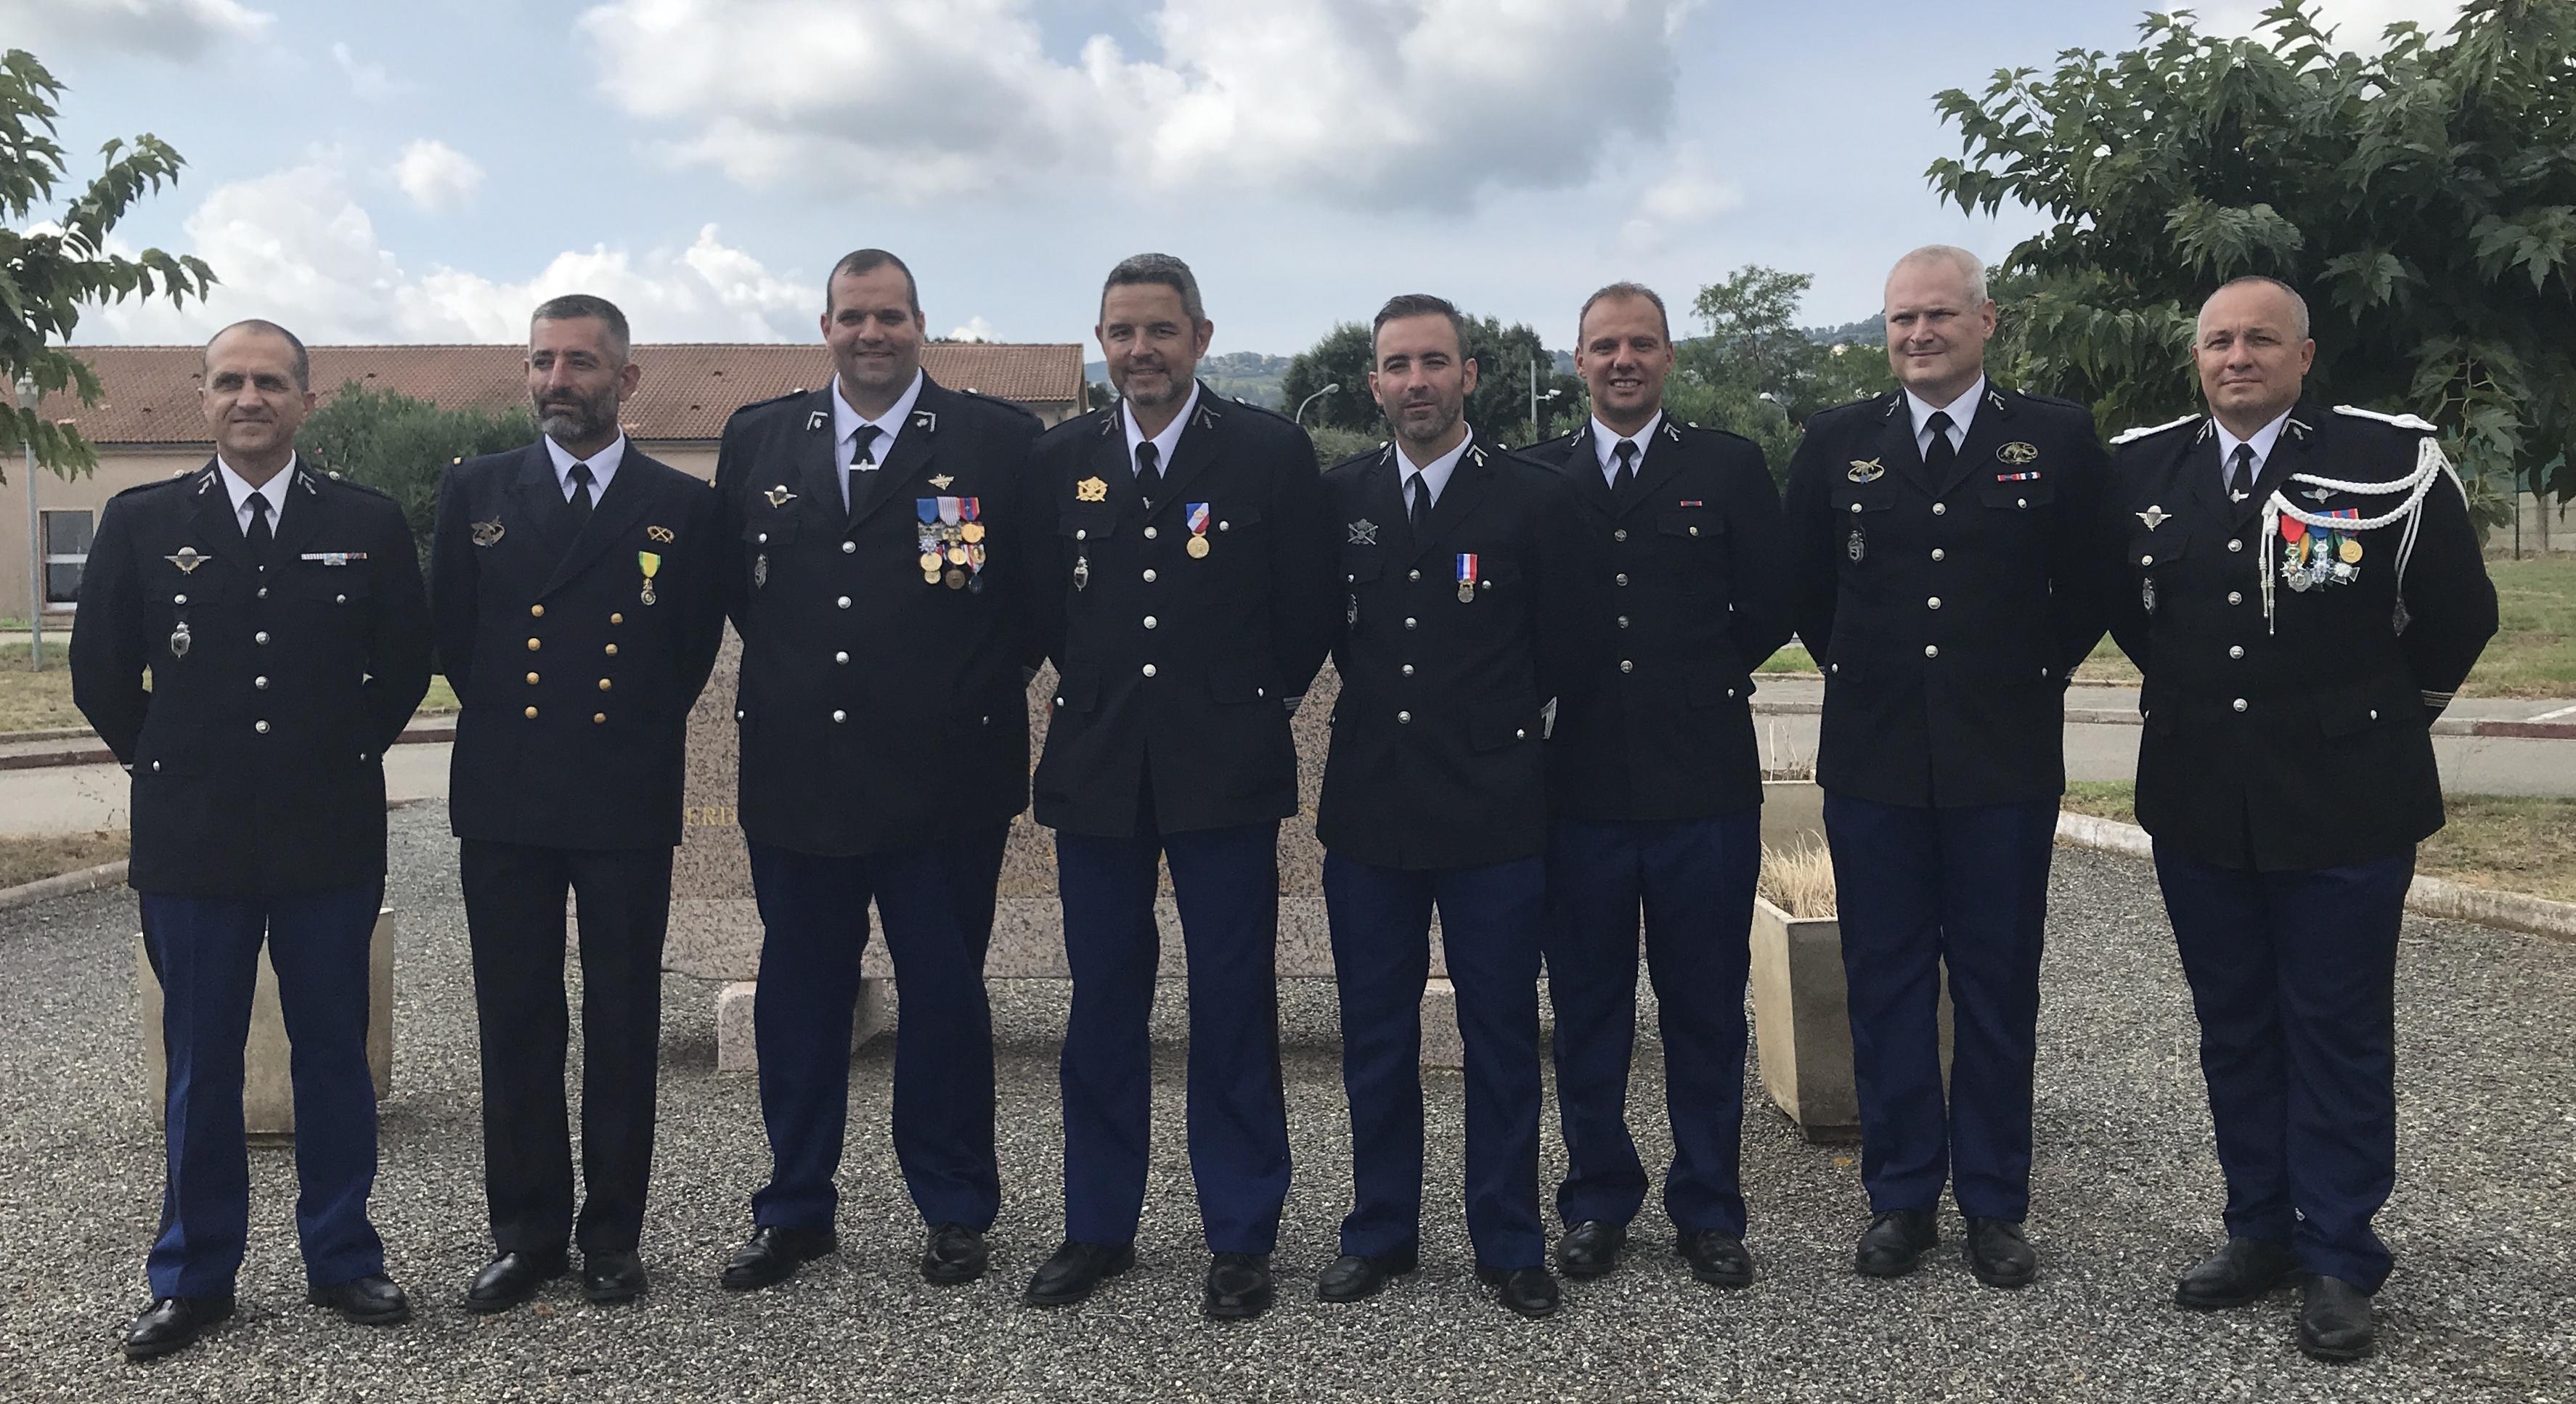 Le colonel Pezza prend le commandement du groupement de gendarmerie de Haute-Corse